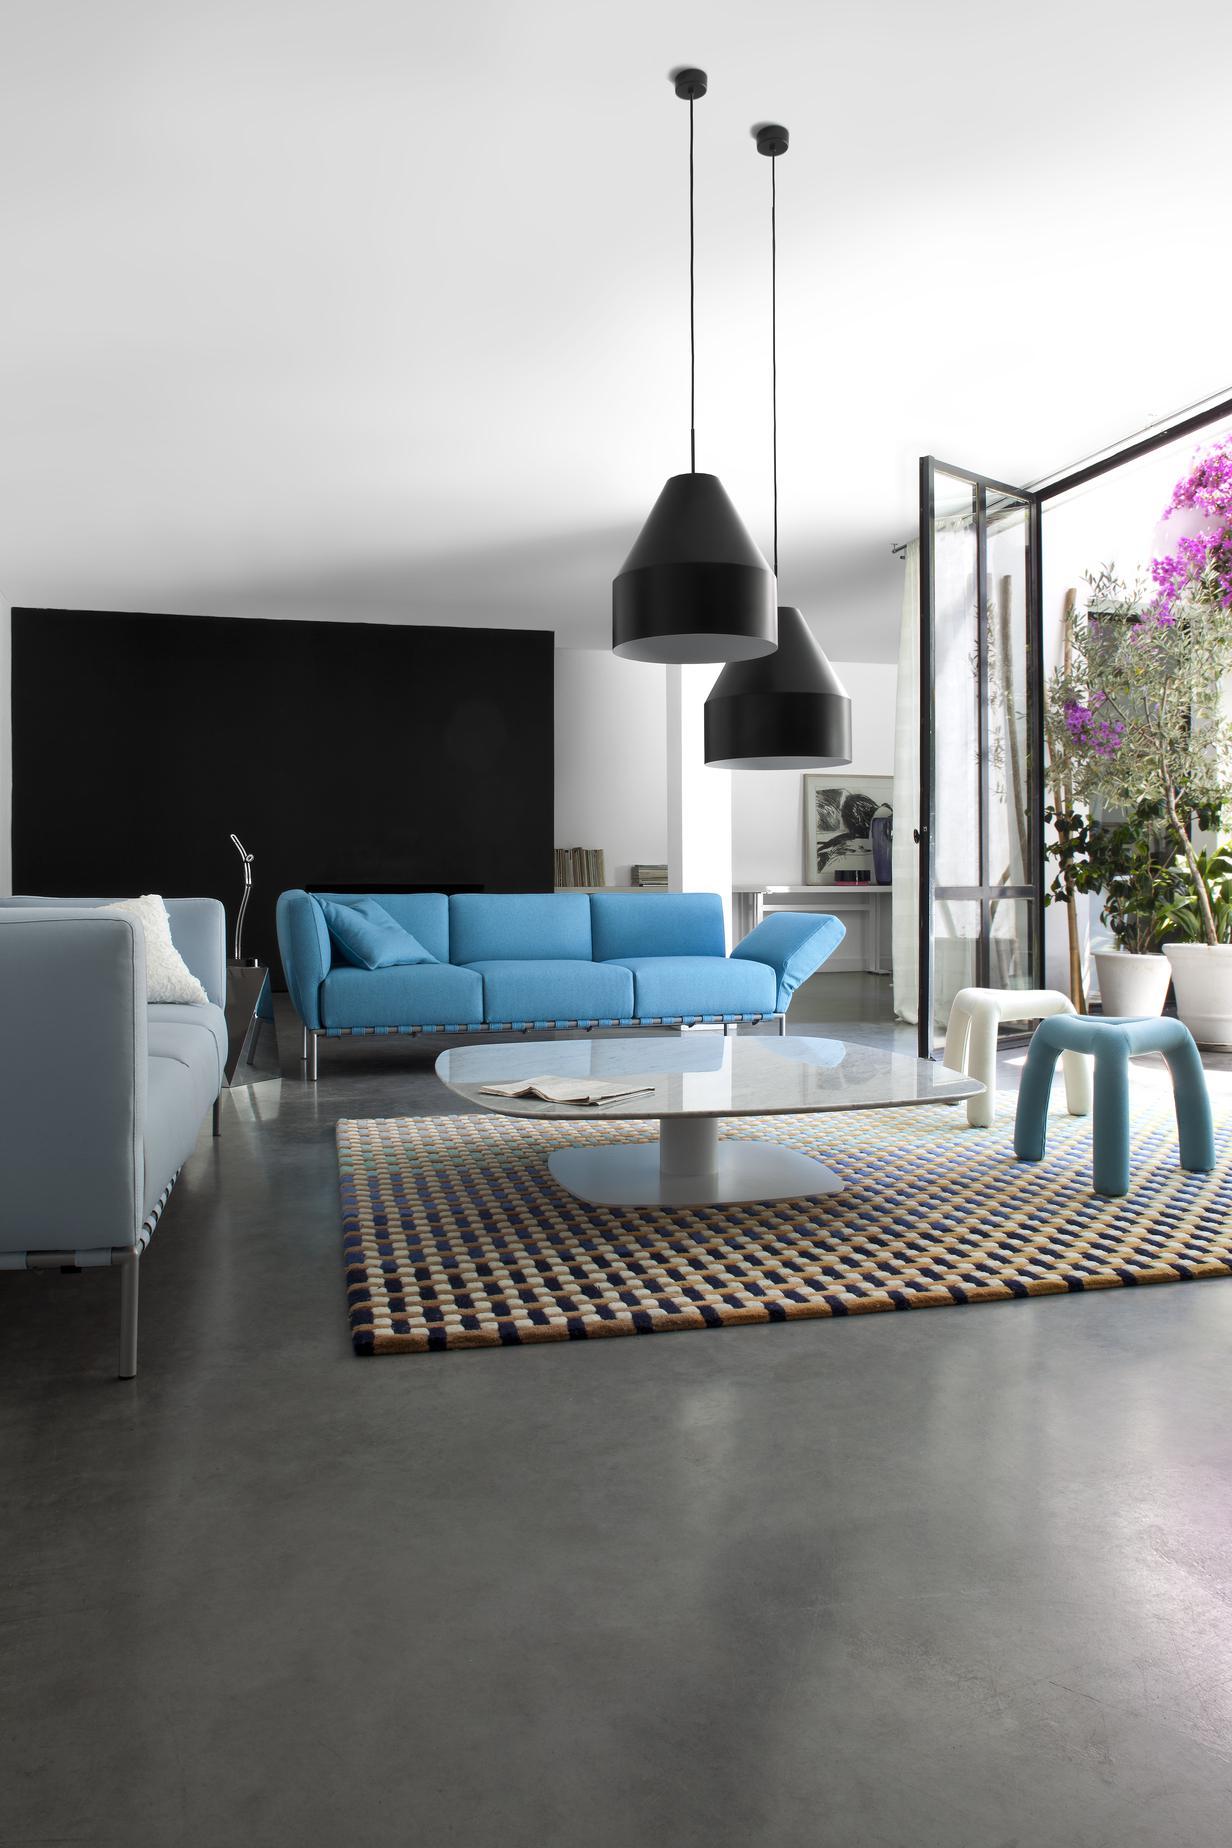 ted sofas designer peter maly ligne roset. Black Bedroom Furniture Sets. Home Design Ideas